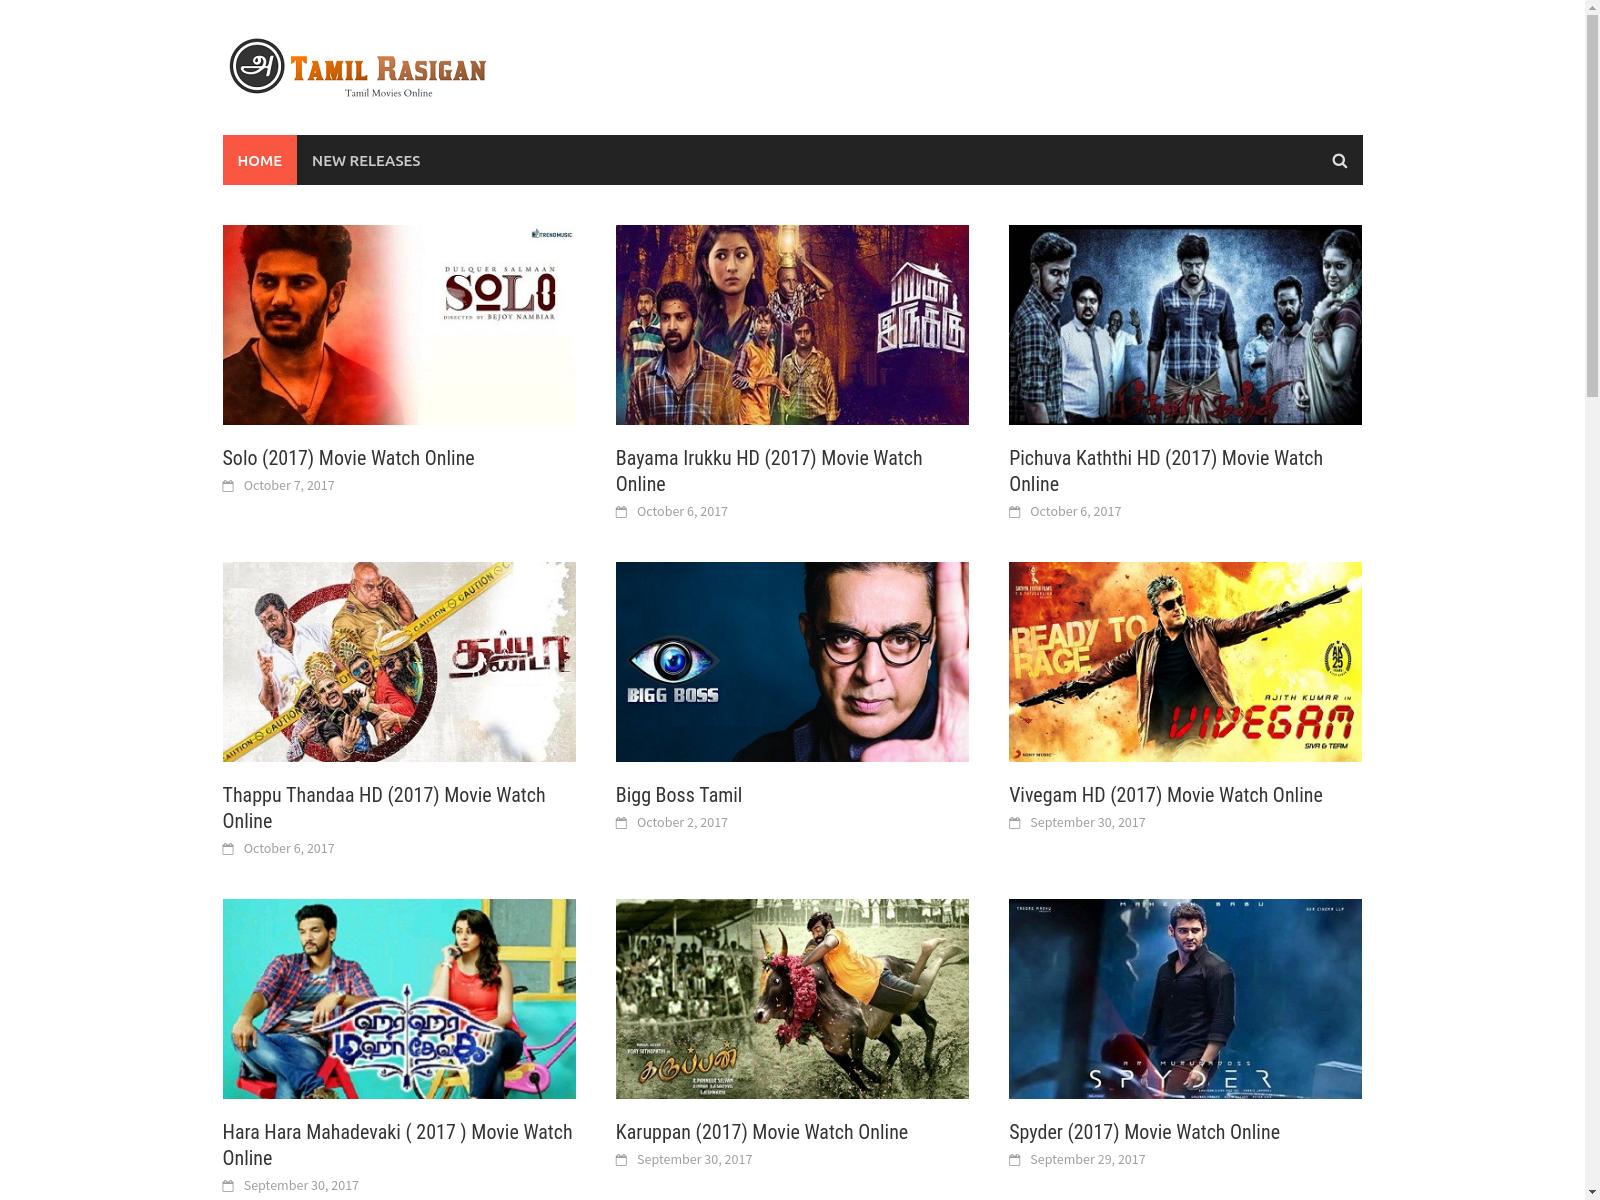 Tamil rasigan movies 2019